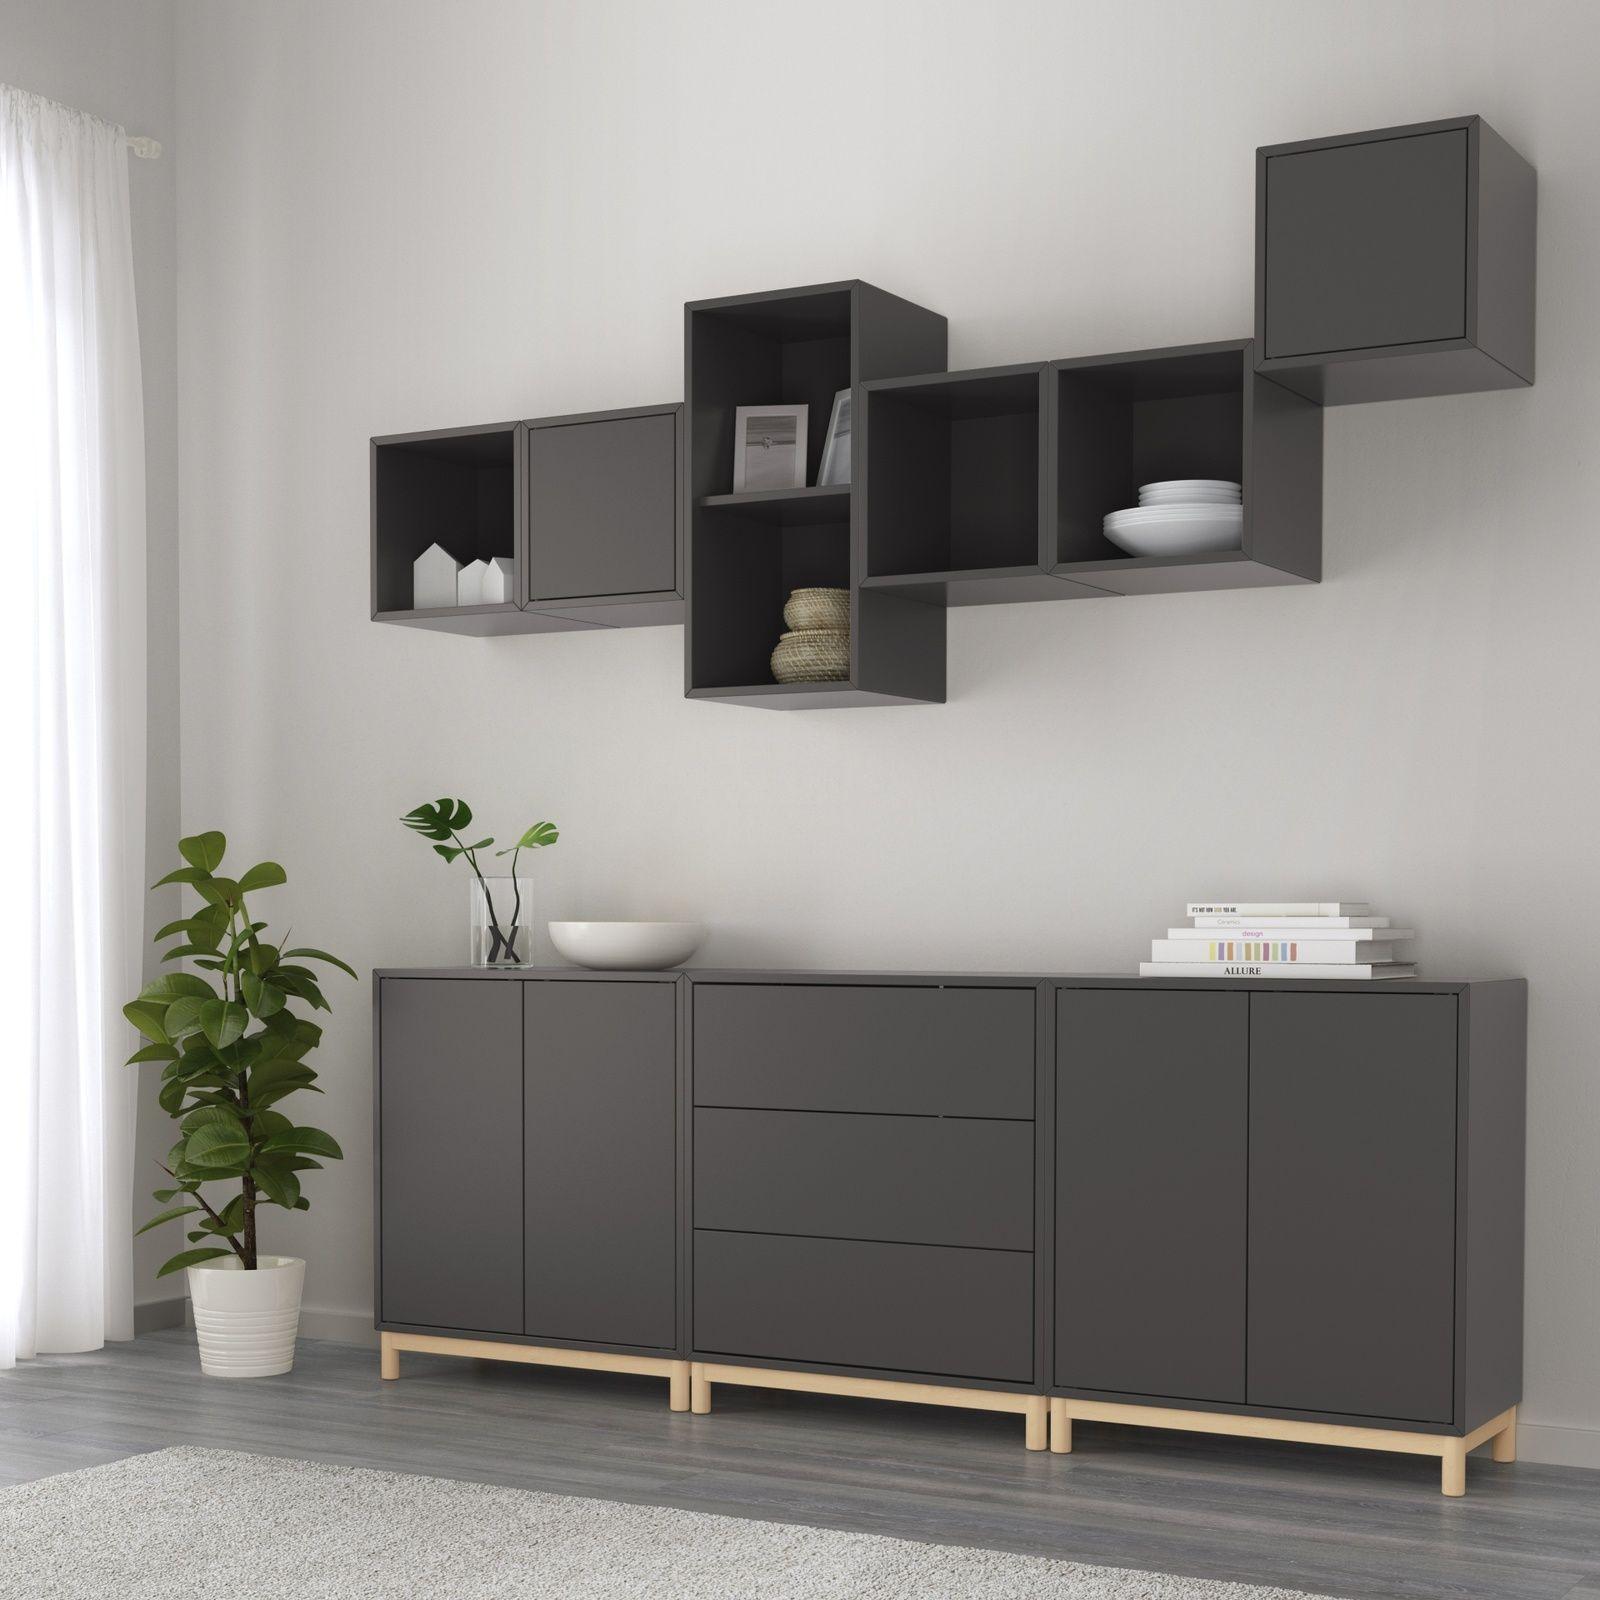 album 23 eket la nouvelle gamme de chez ikea ikea pinterest wohnzimmer m bel und. Black Bedroom Furniture Sets. Home Design Ideas